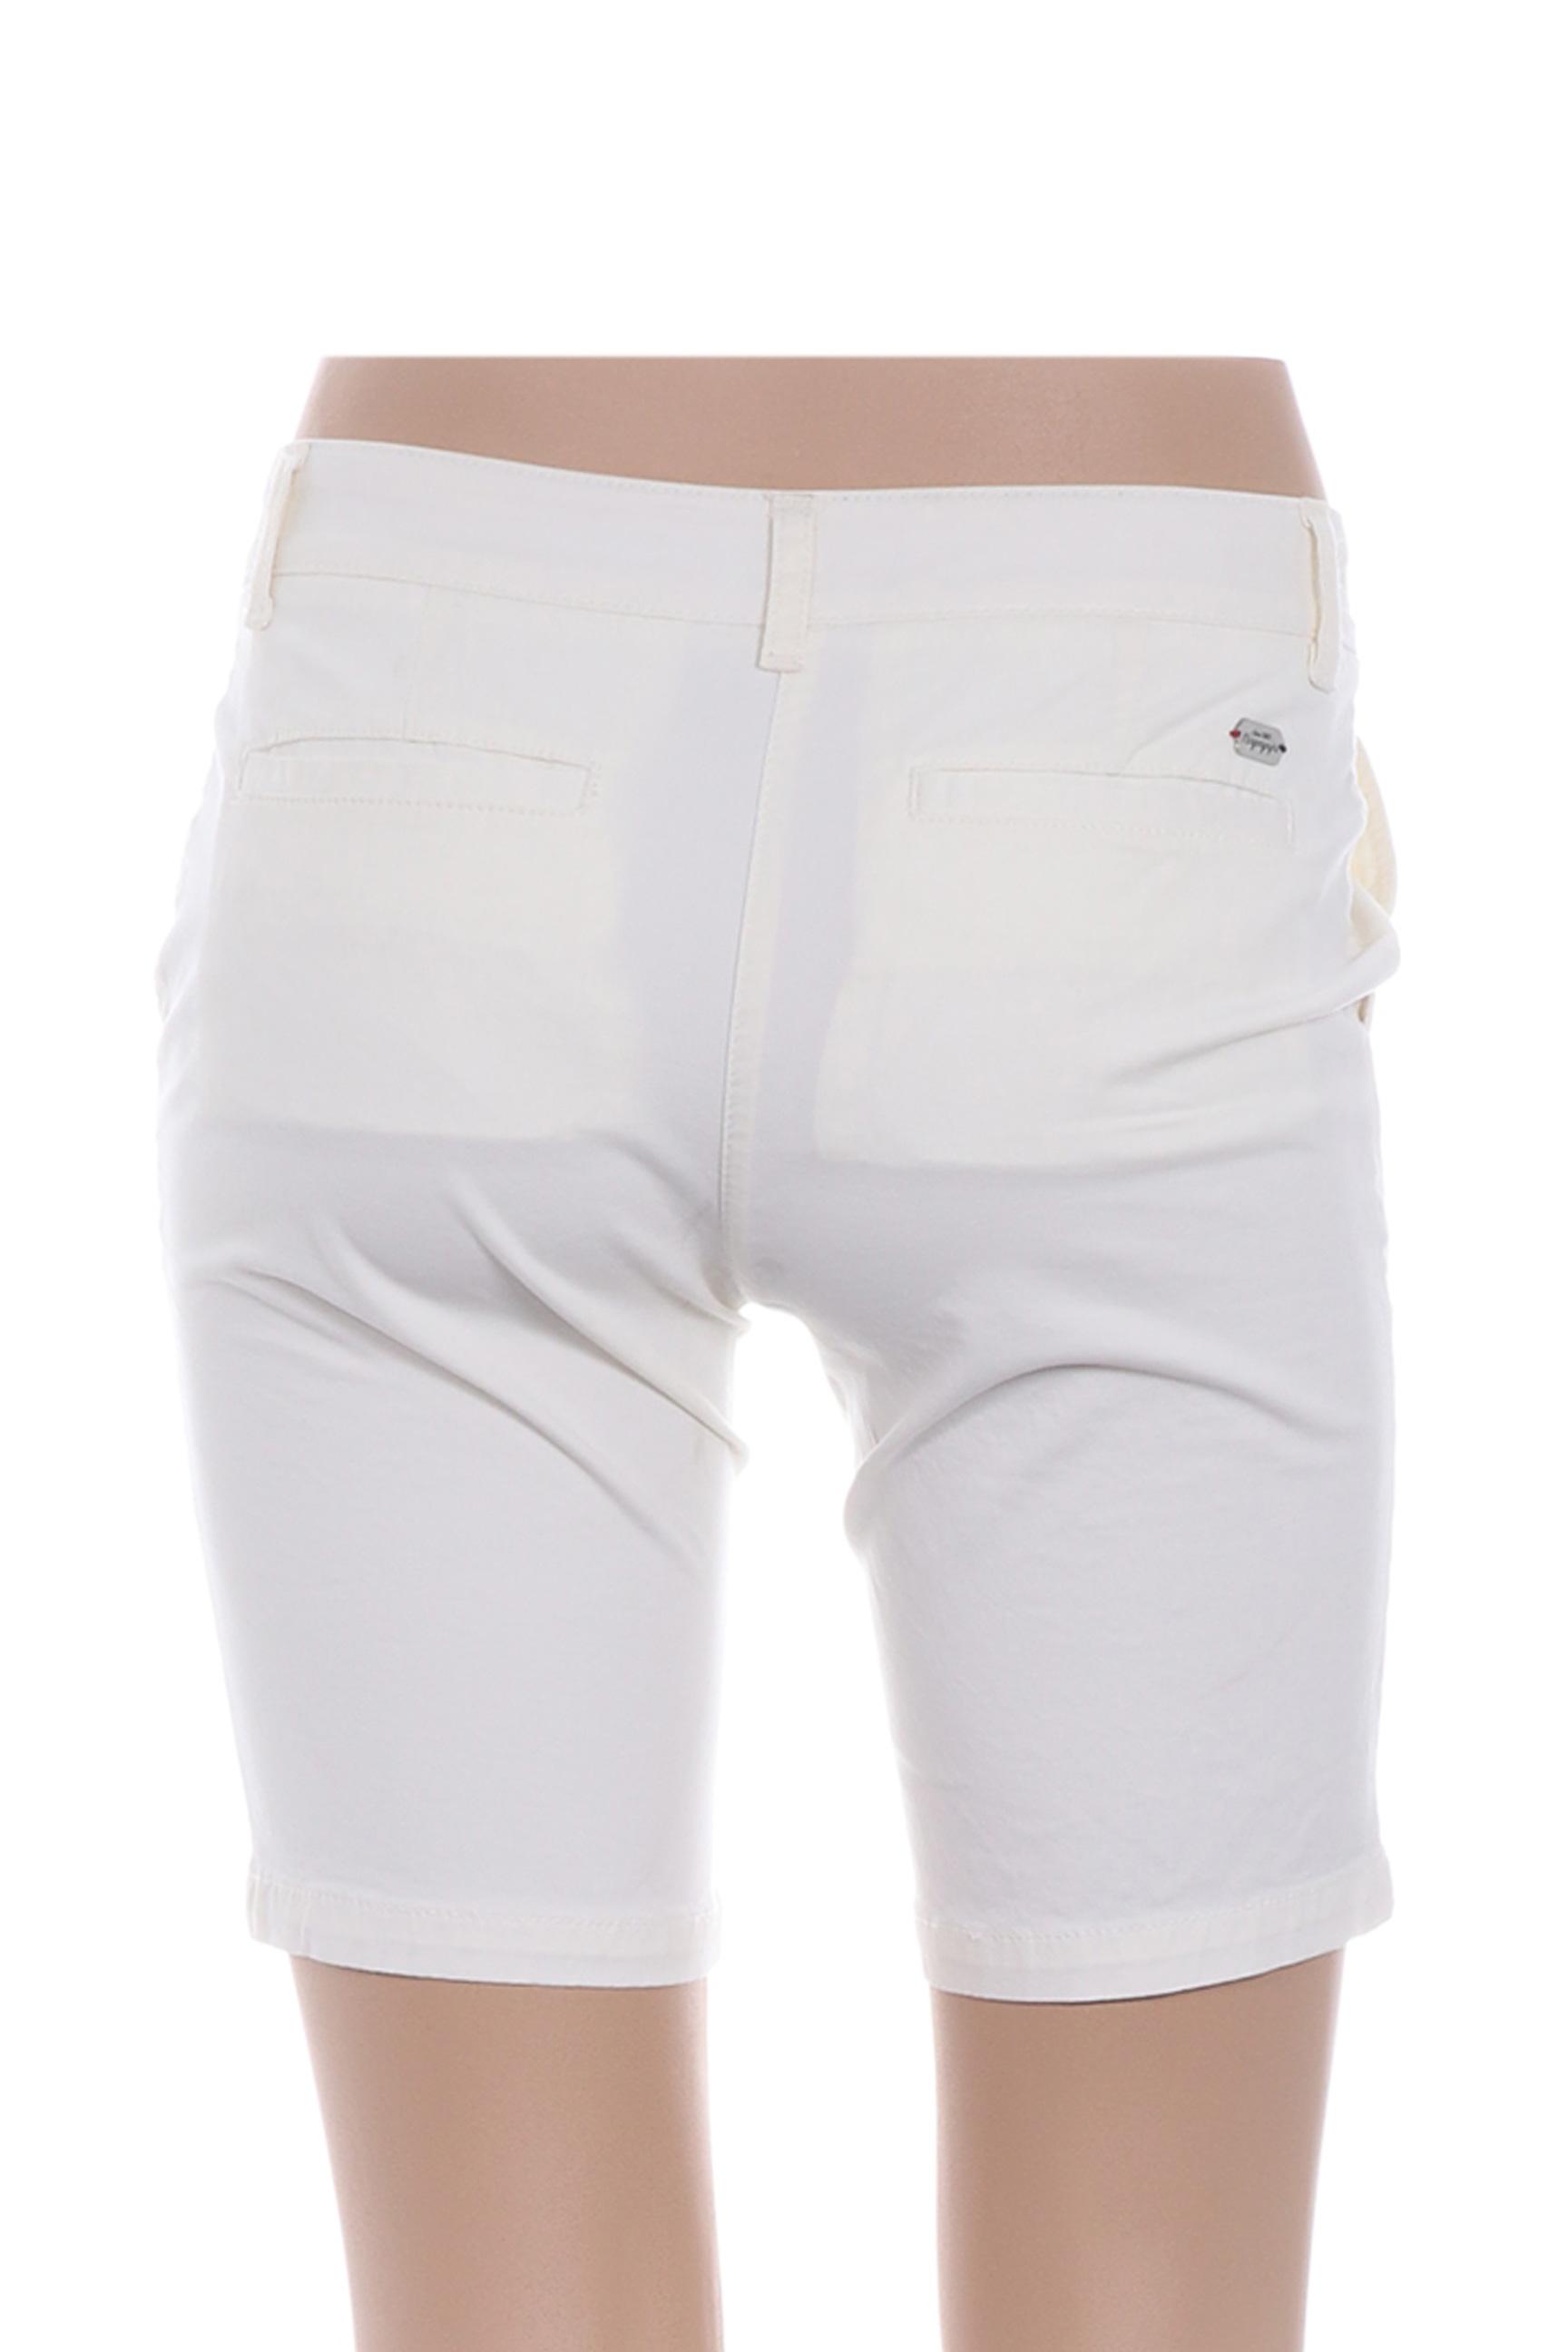 Napapijri Bermudas Femme De Couleur Blanc En Soldes Pas Cher 1273532-blanc0